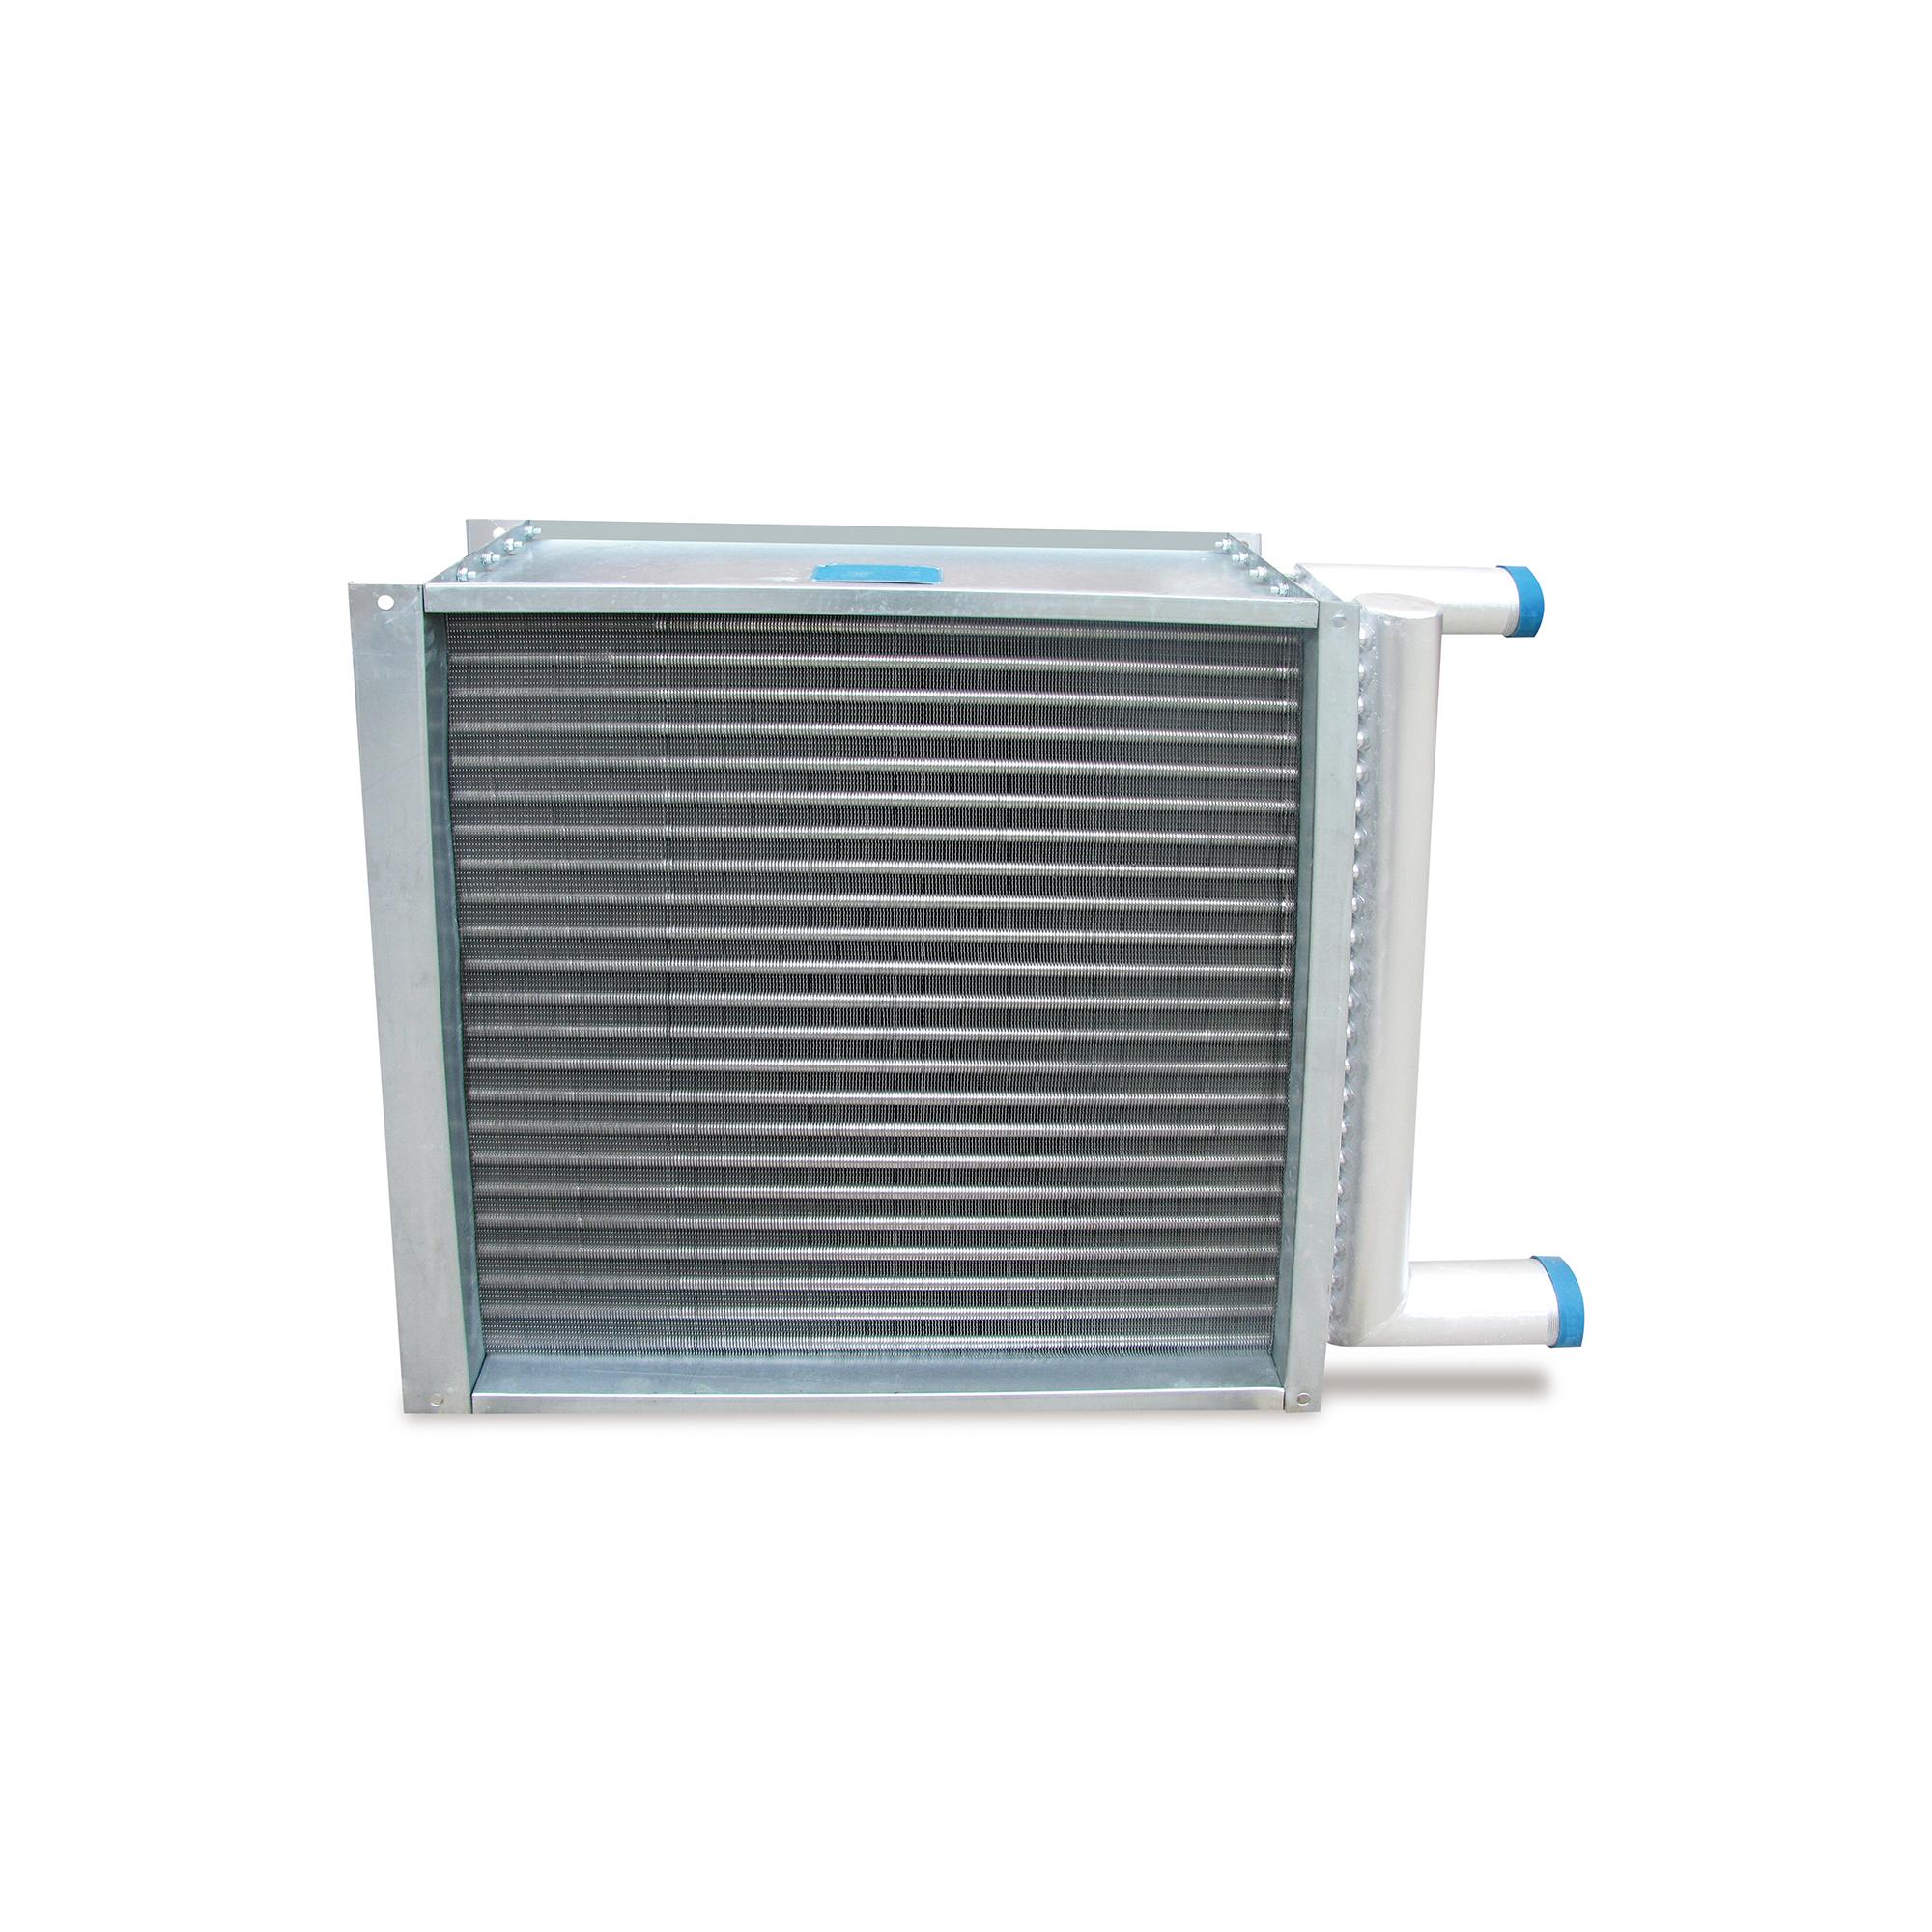 空氣散熱器